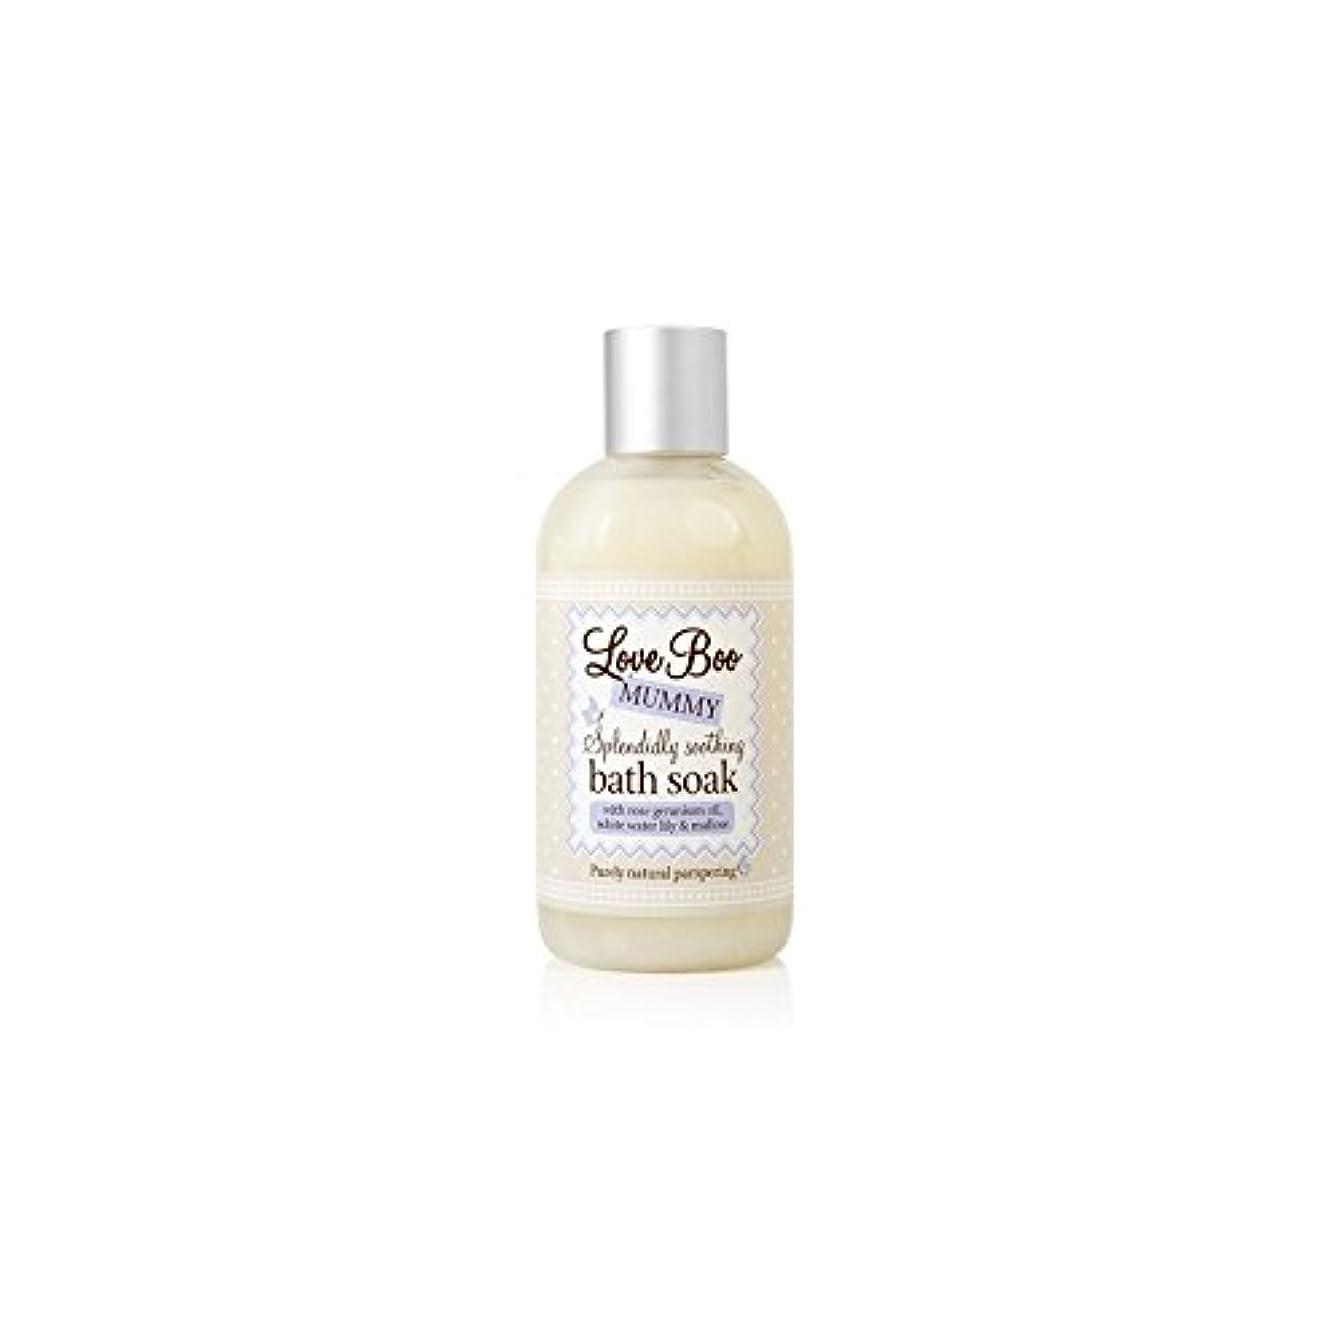 パトワオペラ継続中Love Boo Splendidly Soothing Bath Soak (250ml) (Pack of 6) - ブーイング見事なだめるようなお風呂が大好き(250ミリリットル)を浸します x6 [並行輸入品]